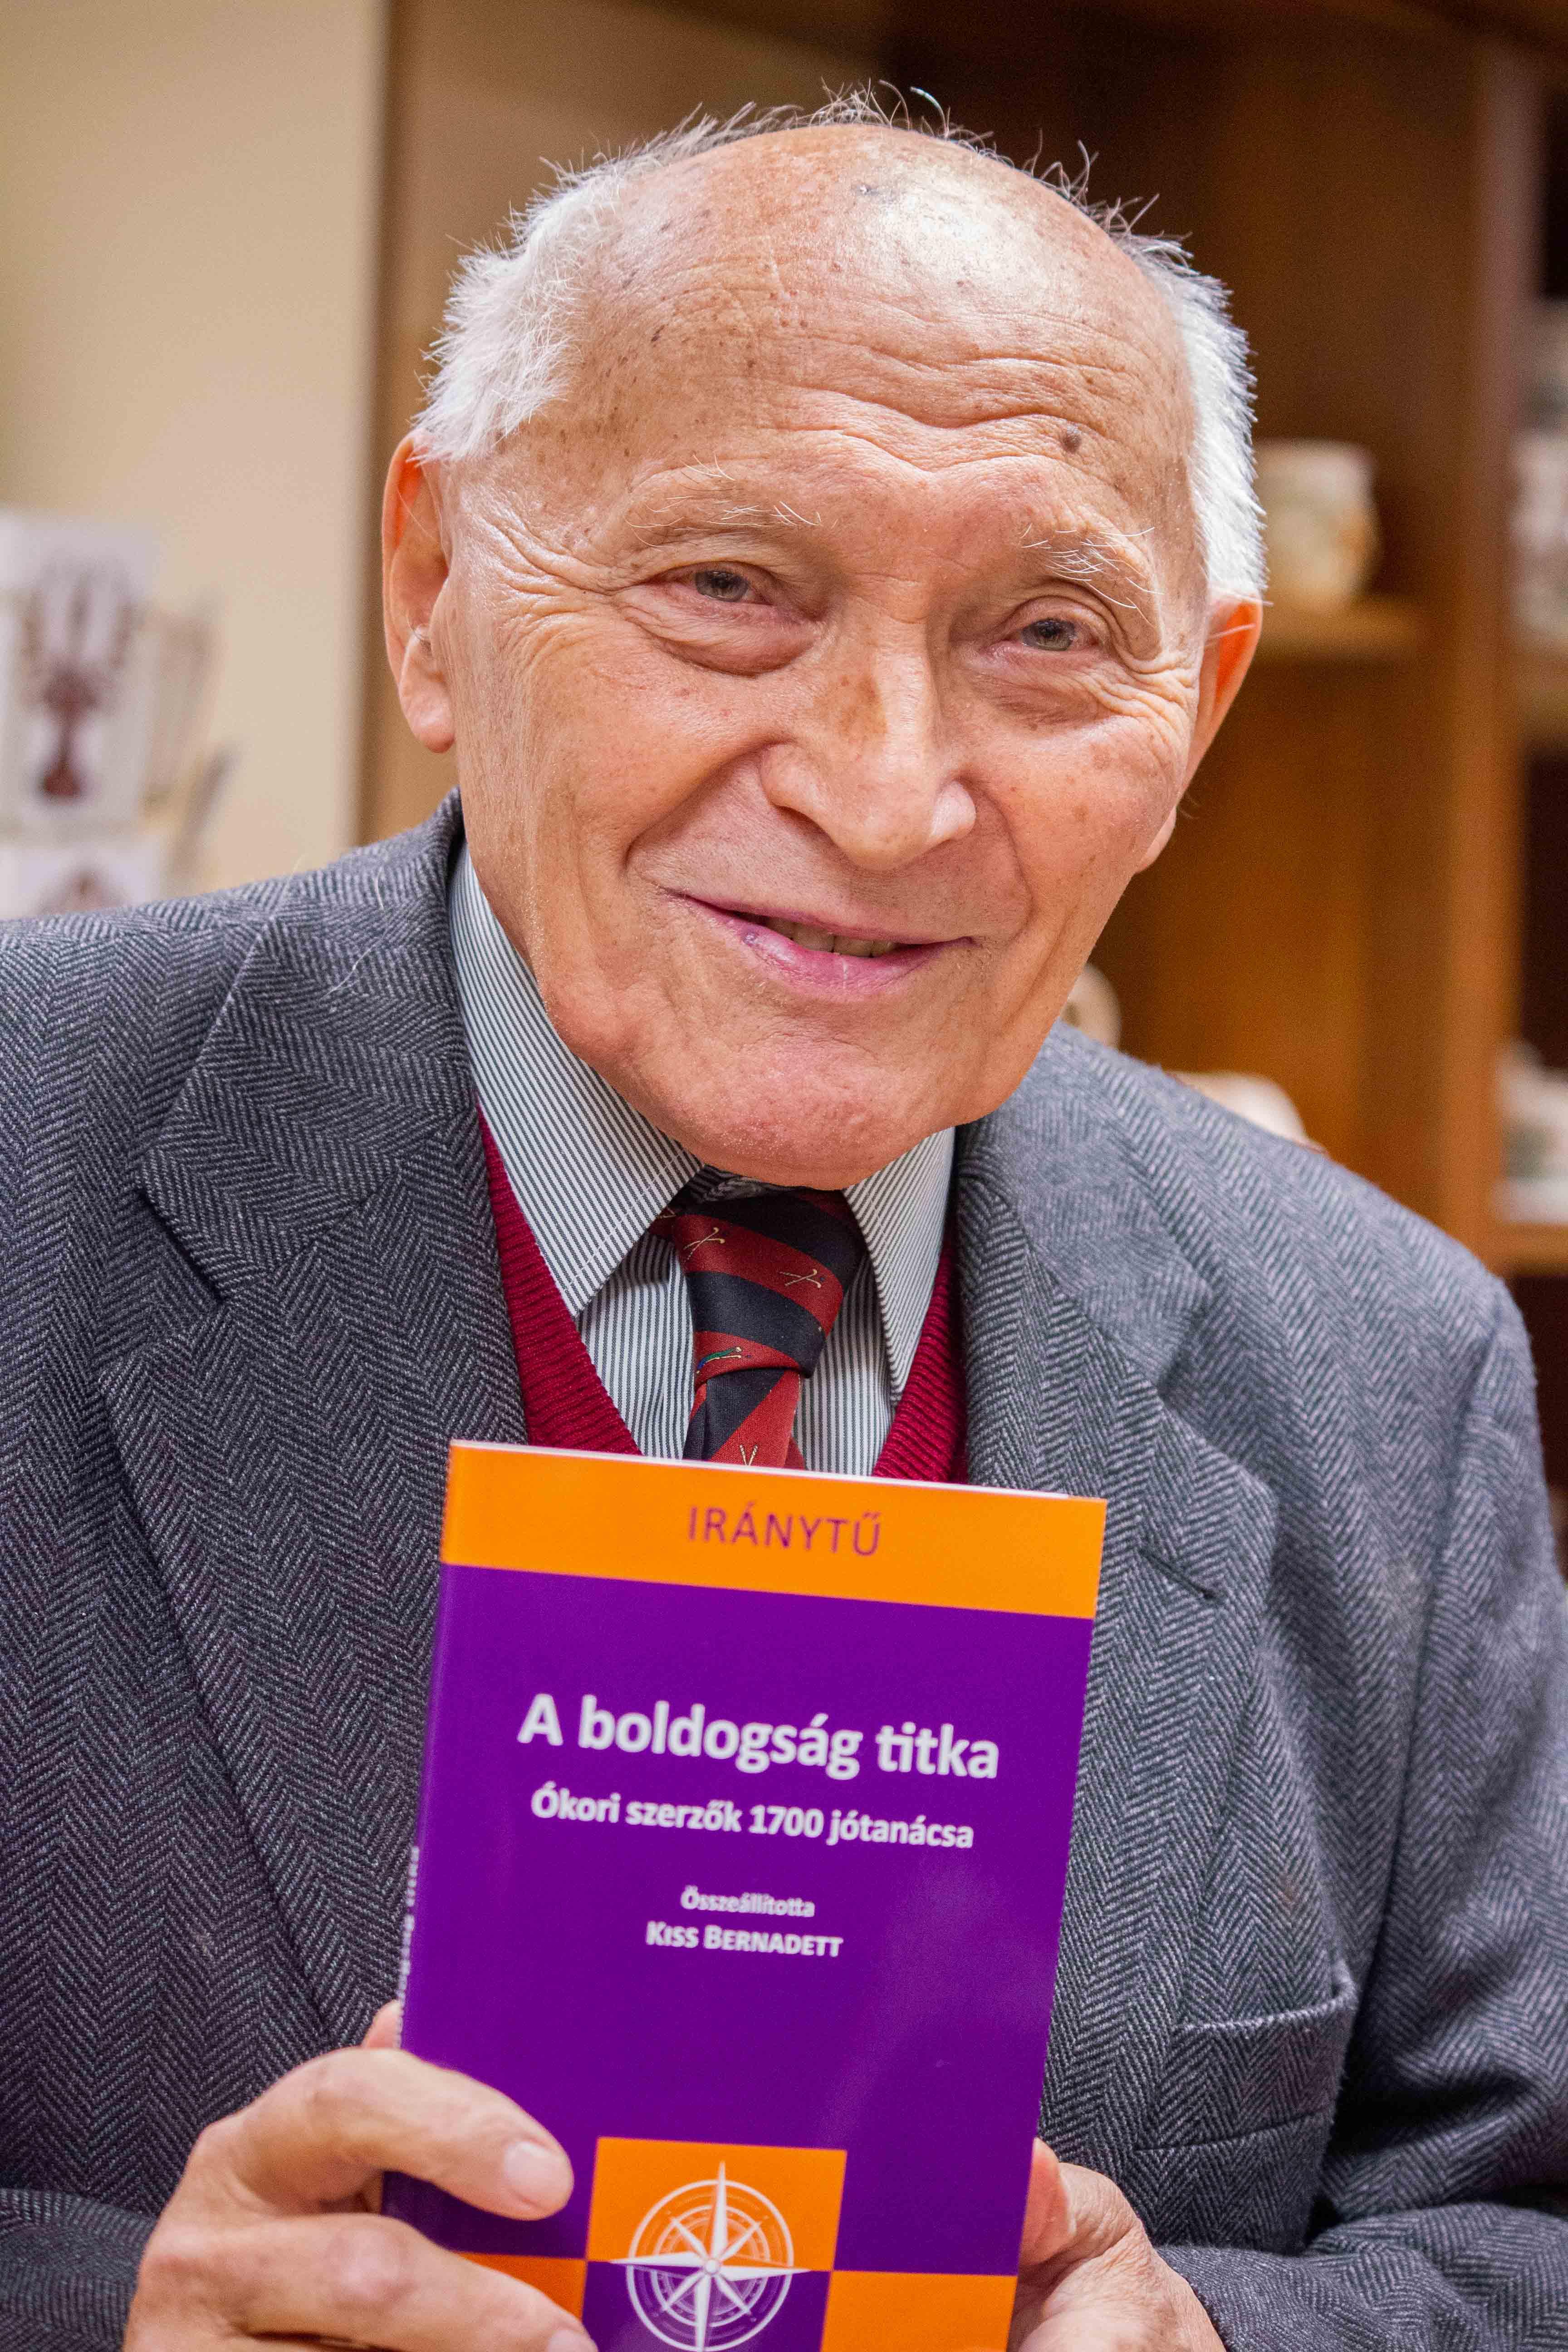 Sediánszky János az általa bemutatott könyvvel (Fotó: Terjéki Tamás és Muszka Ágnes)